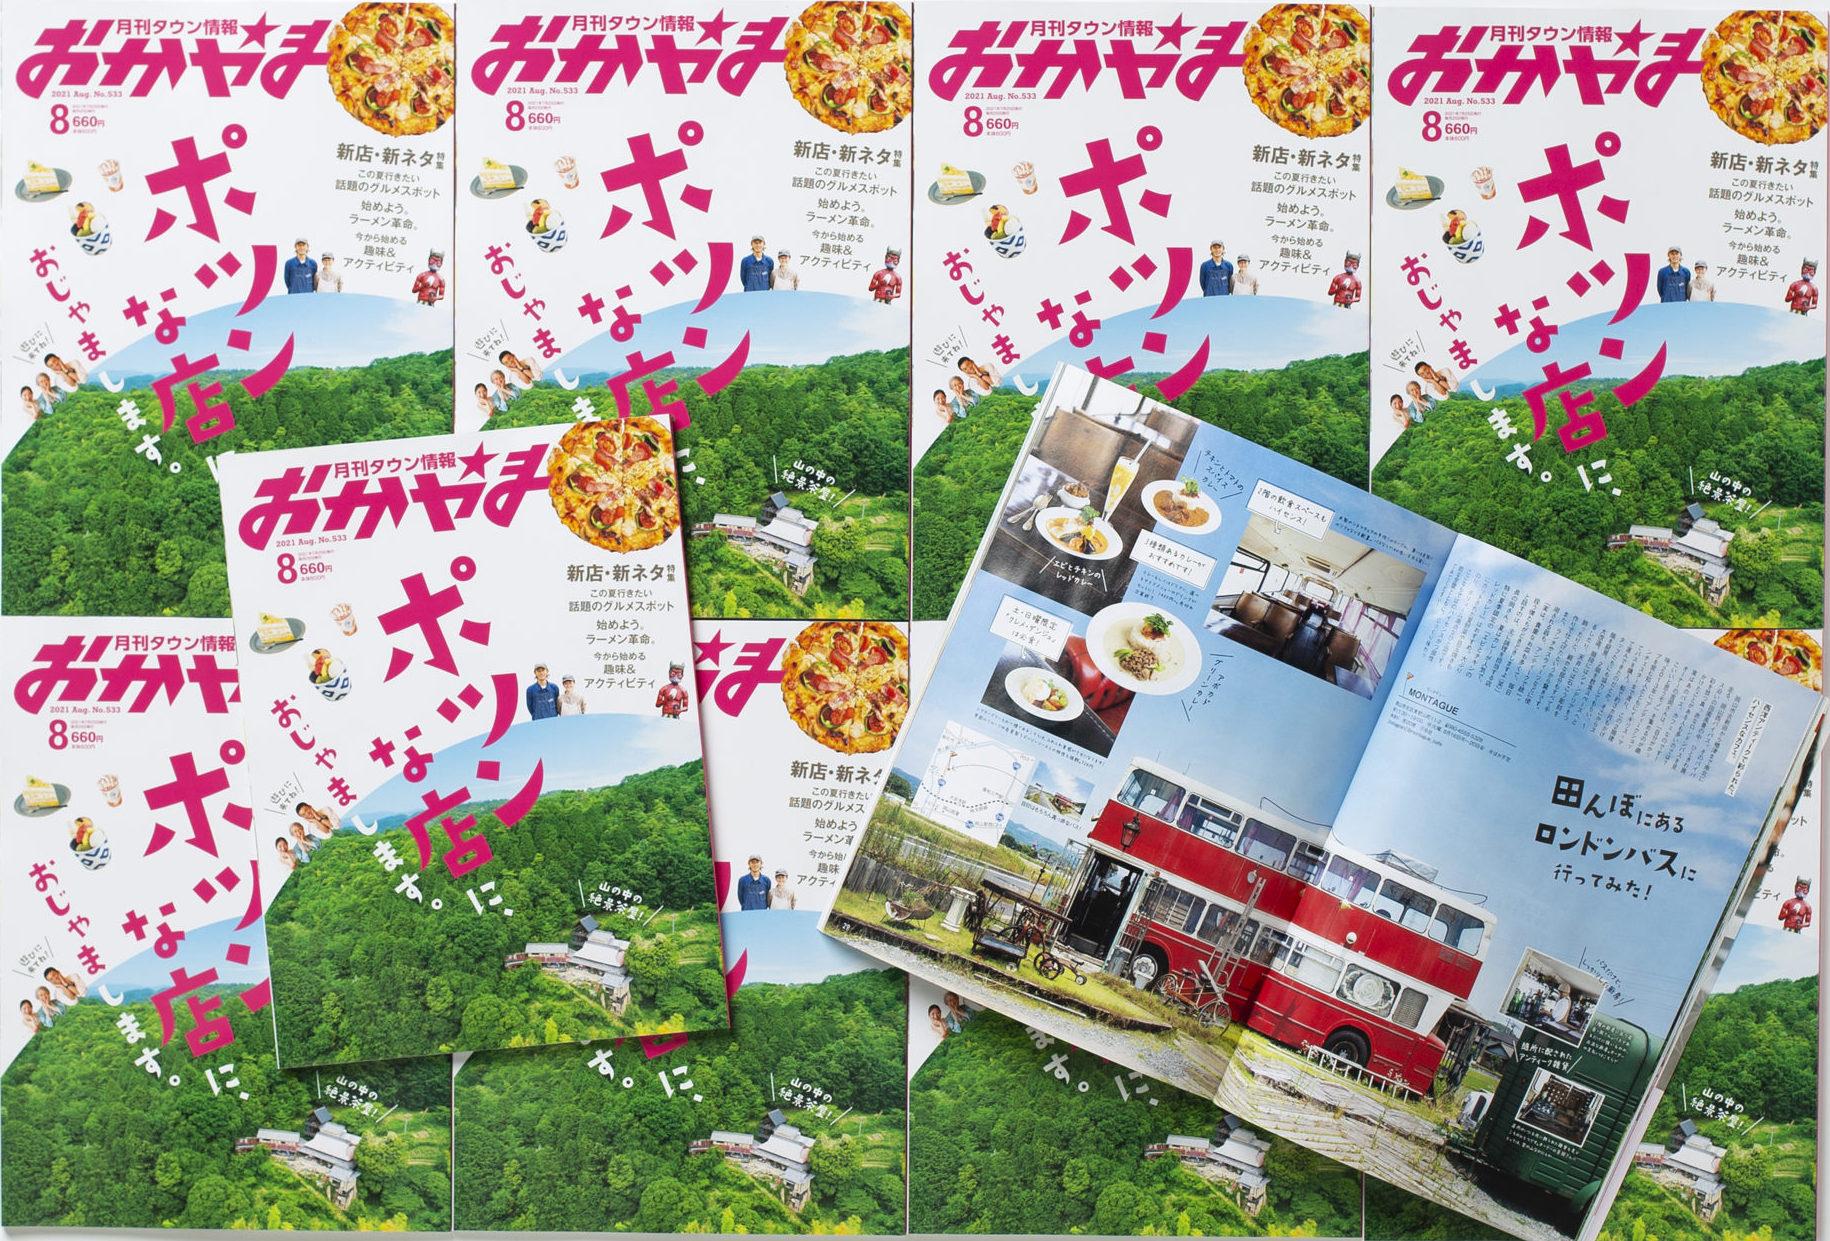 タウン情報おかやま8月号に瀬戸内カメラガールズの写真が掲載されました!画像